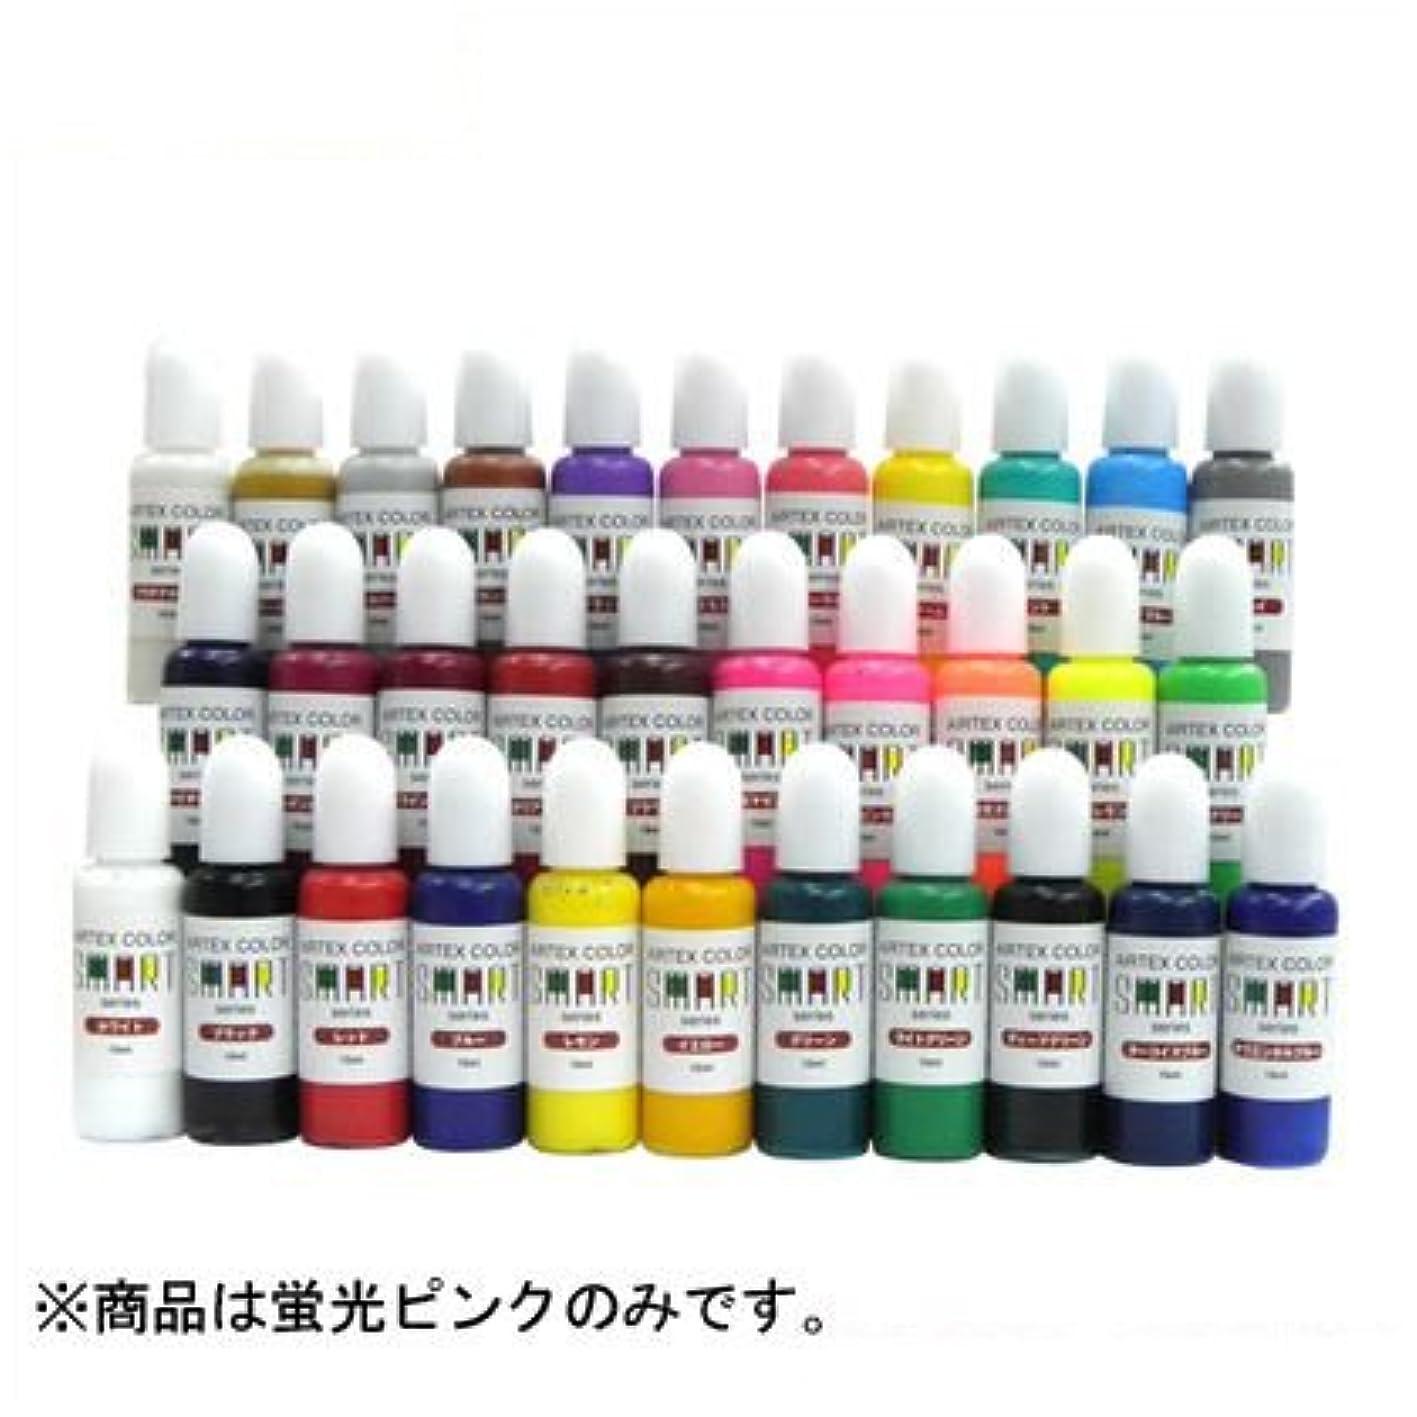 エアテックス カラースマートシリーズ 蛍光ピンク ACS18